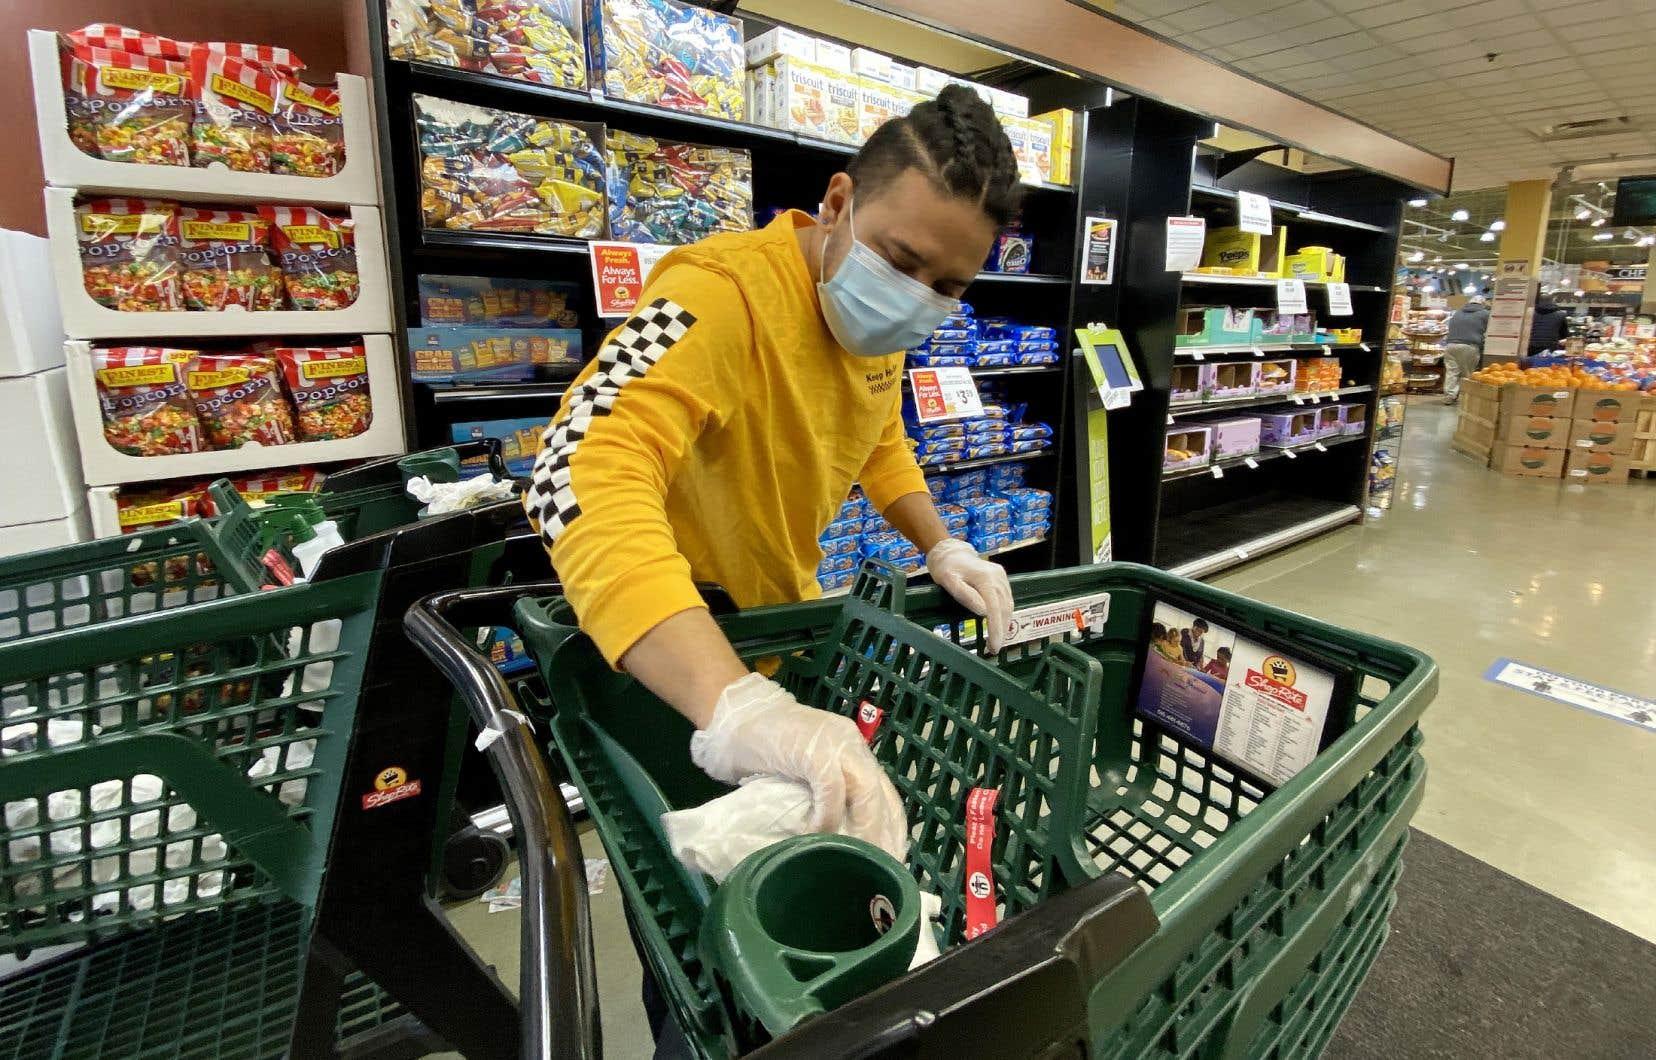 «Les employés des supermarchés à qui l'on refusait une hausse du taux horaire à 15dollars, ou le personnel de la santé dont les conditions de travail épouvantables attirent d'ordinaire peu la sympathie de la population, se retrouvent soudainement acclamés en tant qu'anges gardiens», écrit Sébastien Parent.